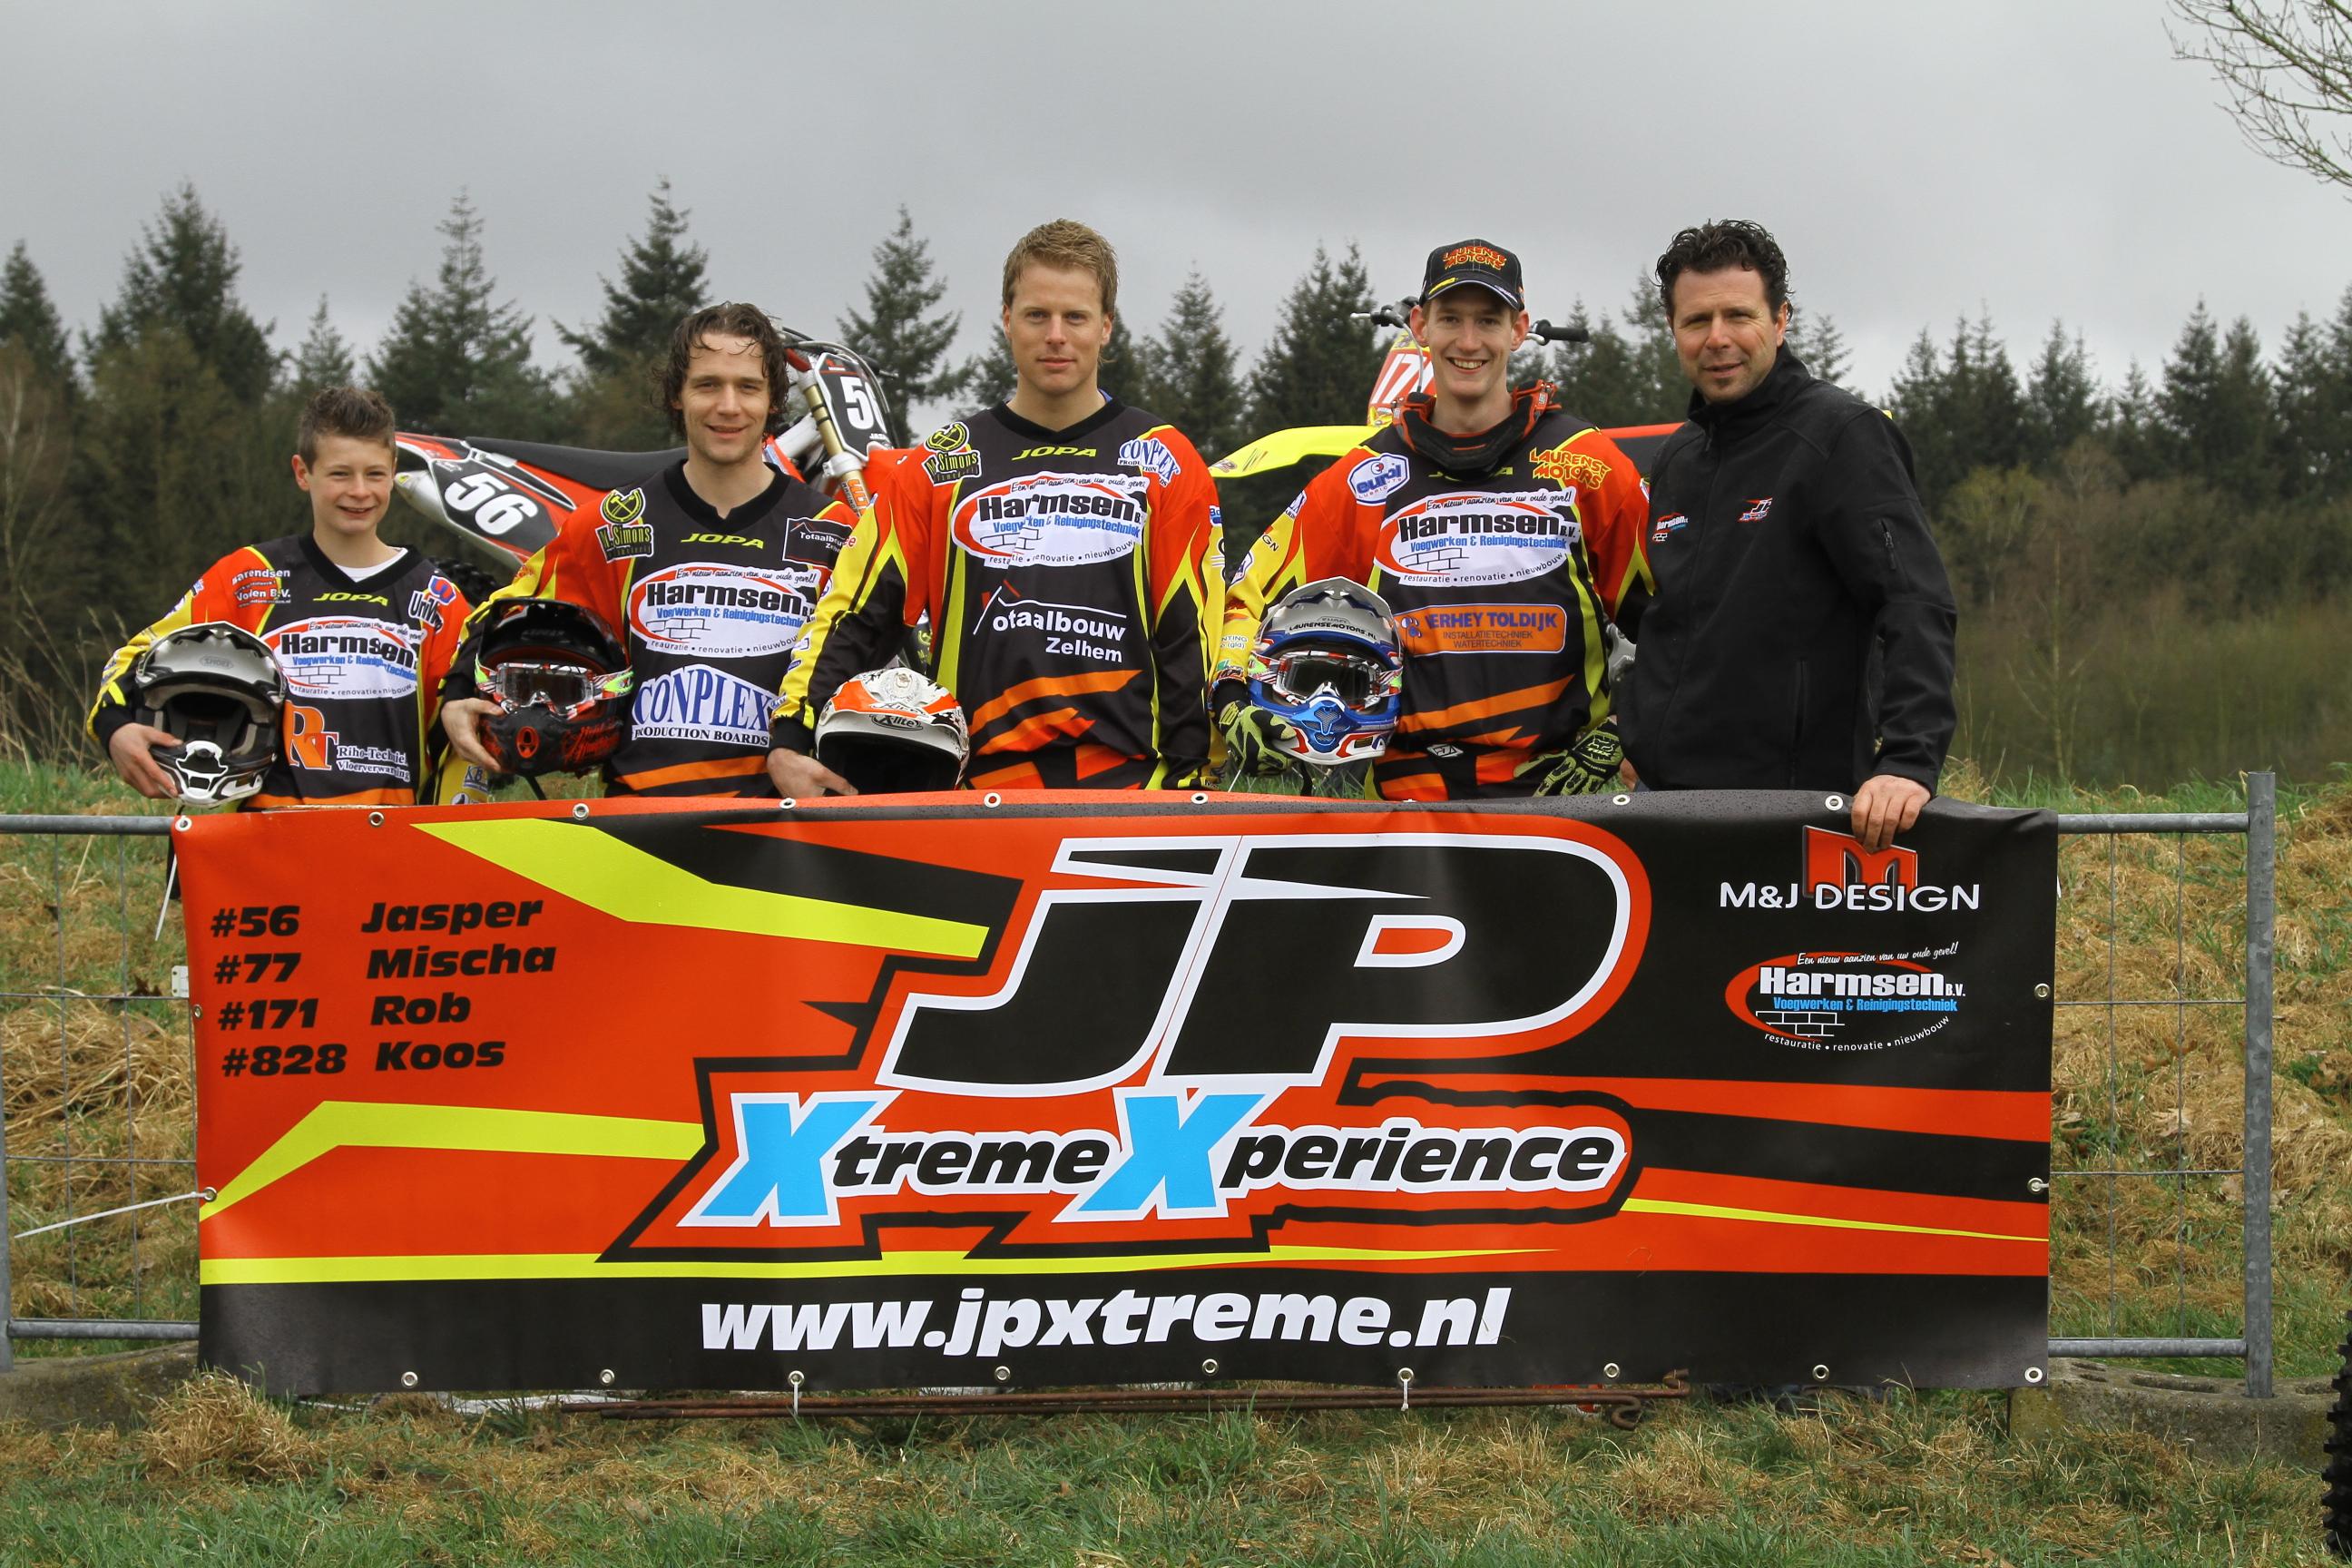 team-jpxtreme-xperience-2012-foto-henk-teerink-5